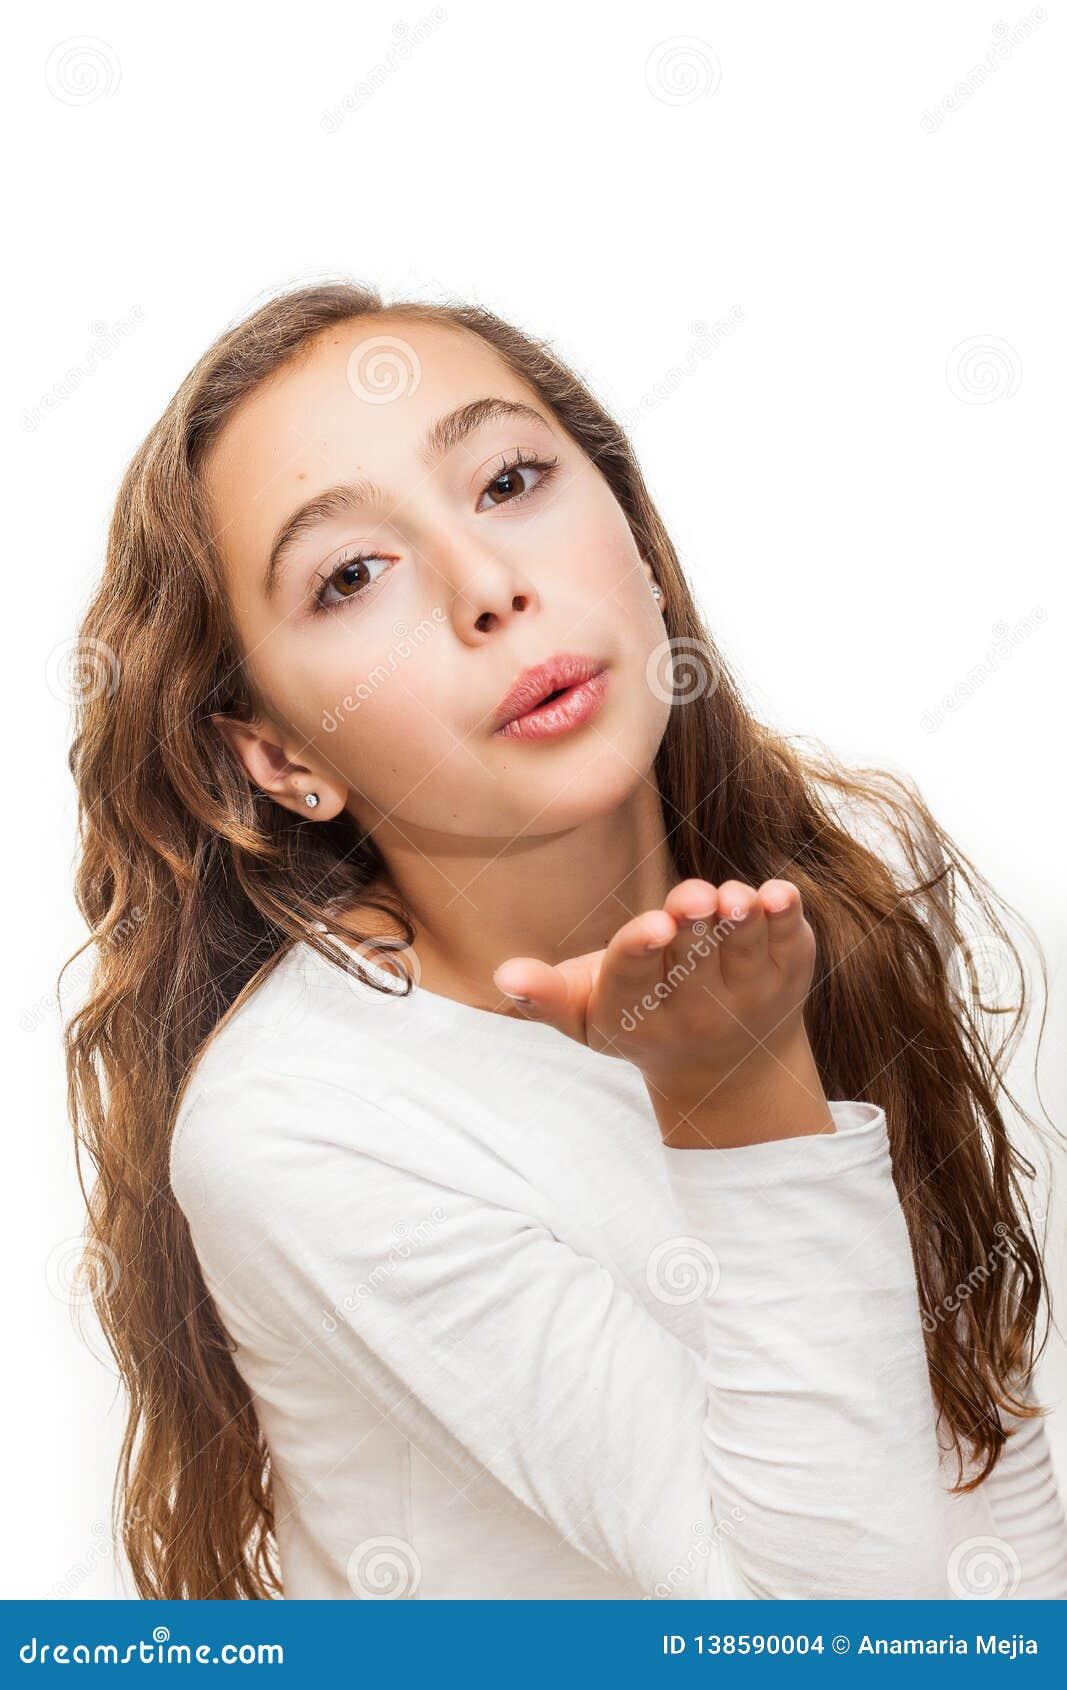 Chica joven que sopla un beso a la cámara aislado